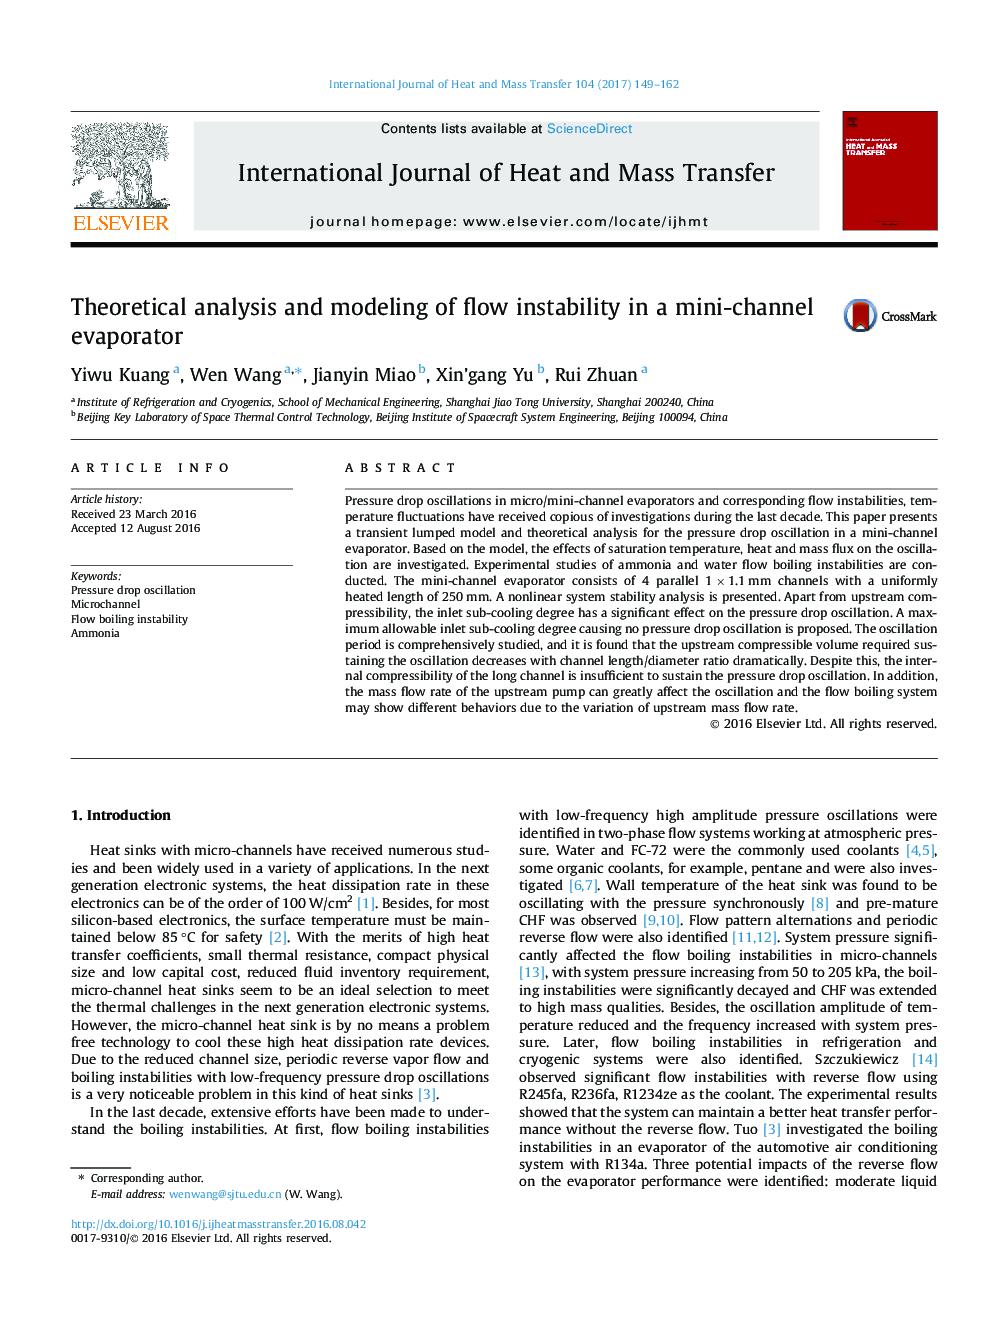 مقاله ISI : مدل سازی تخلیه کامپوزیت های روکش: یک روش تجزیه و تحلیل